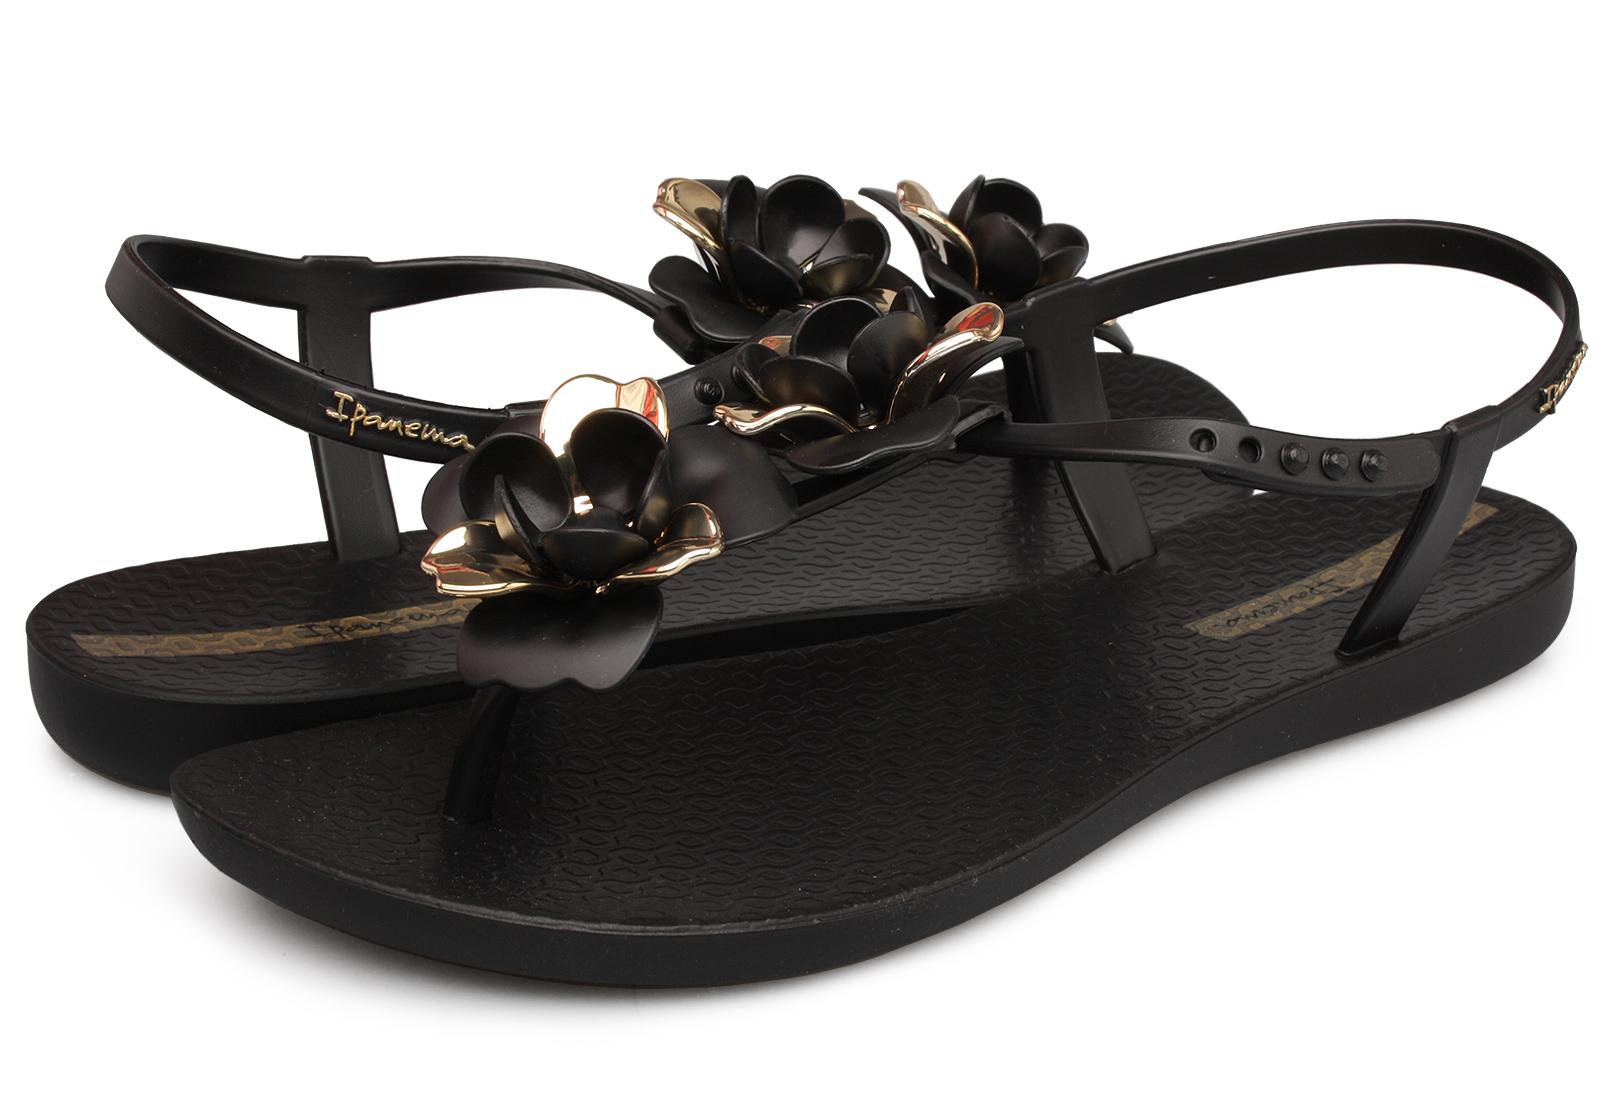 Ipanema Sandale Flora Sandal